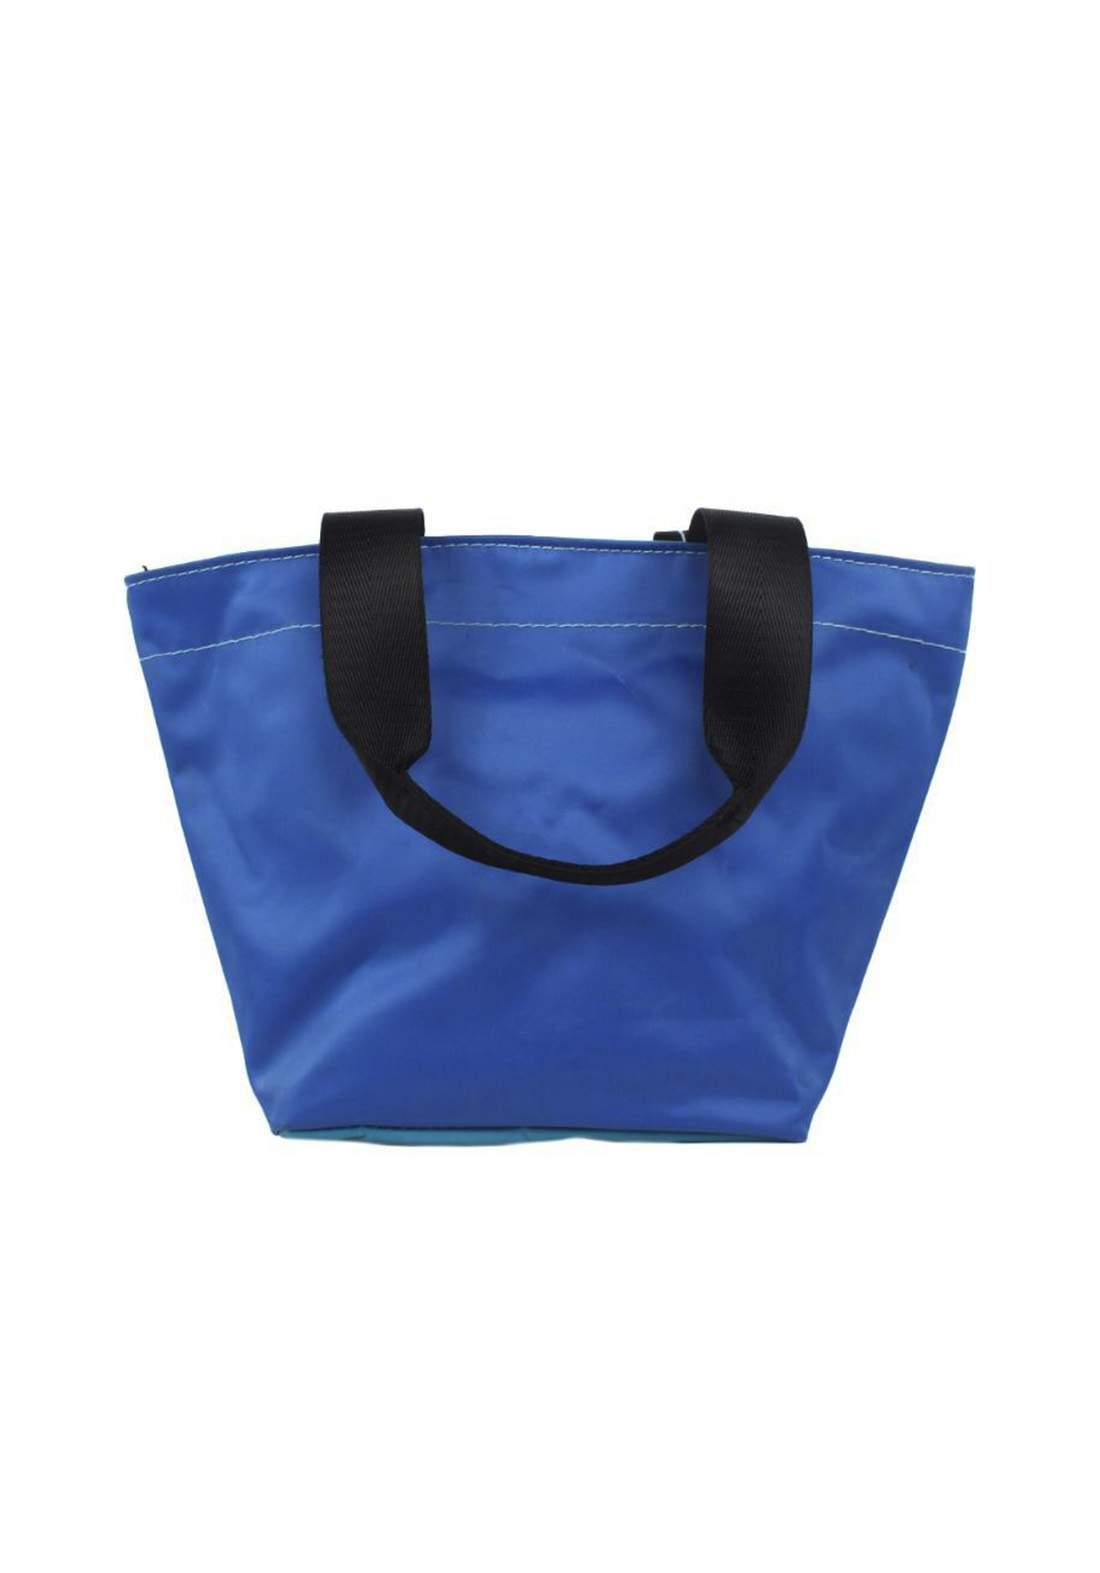 حقيبة قماش أزرق اللون